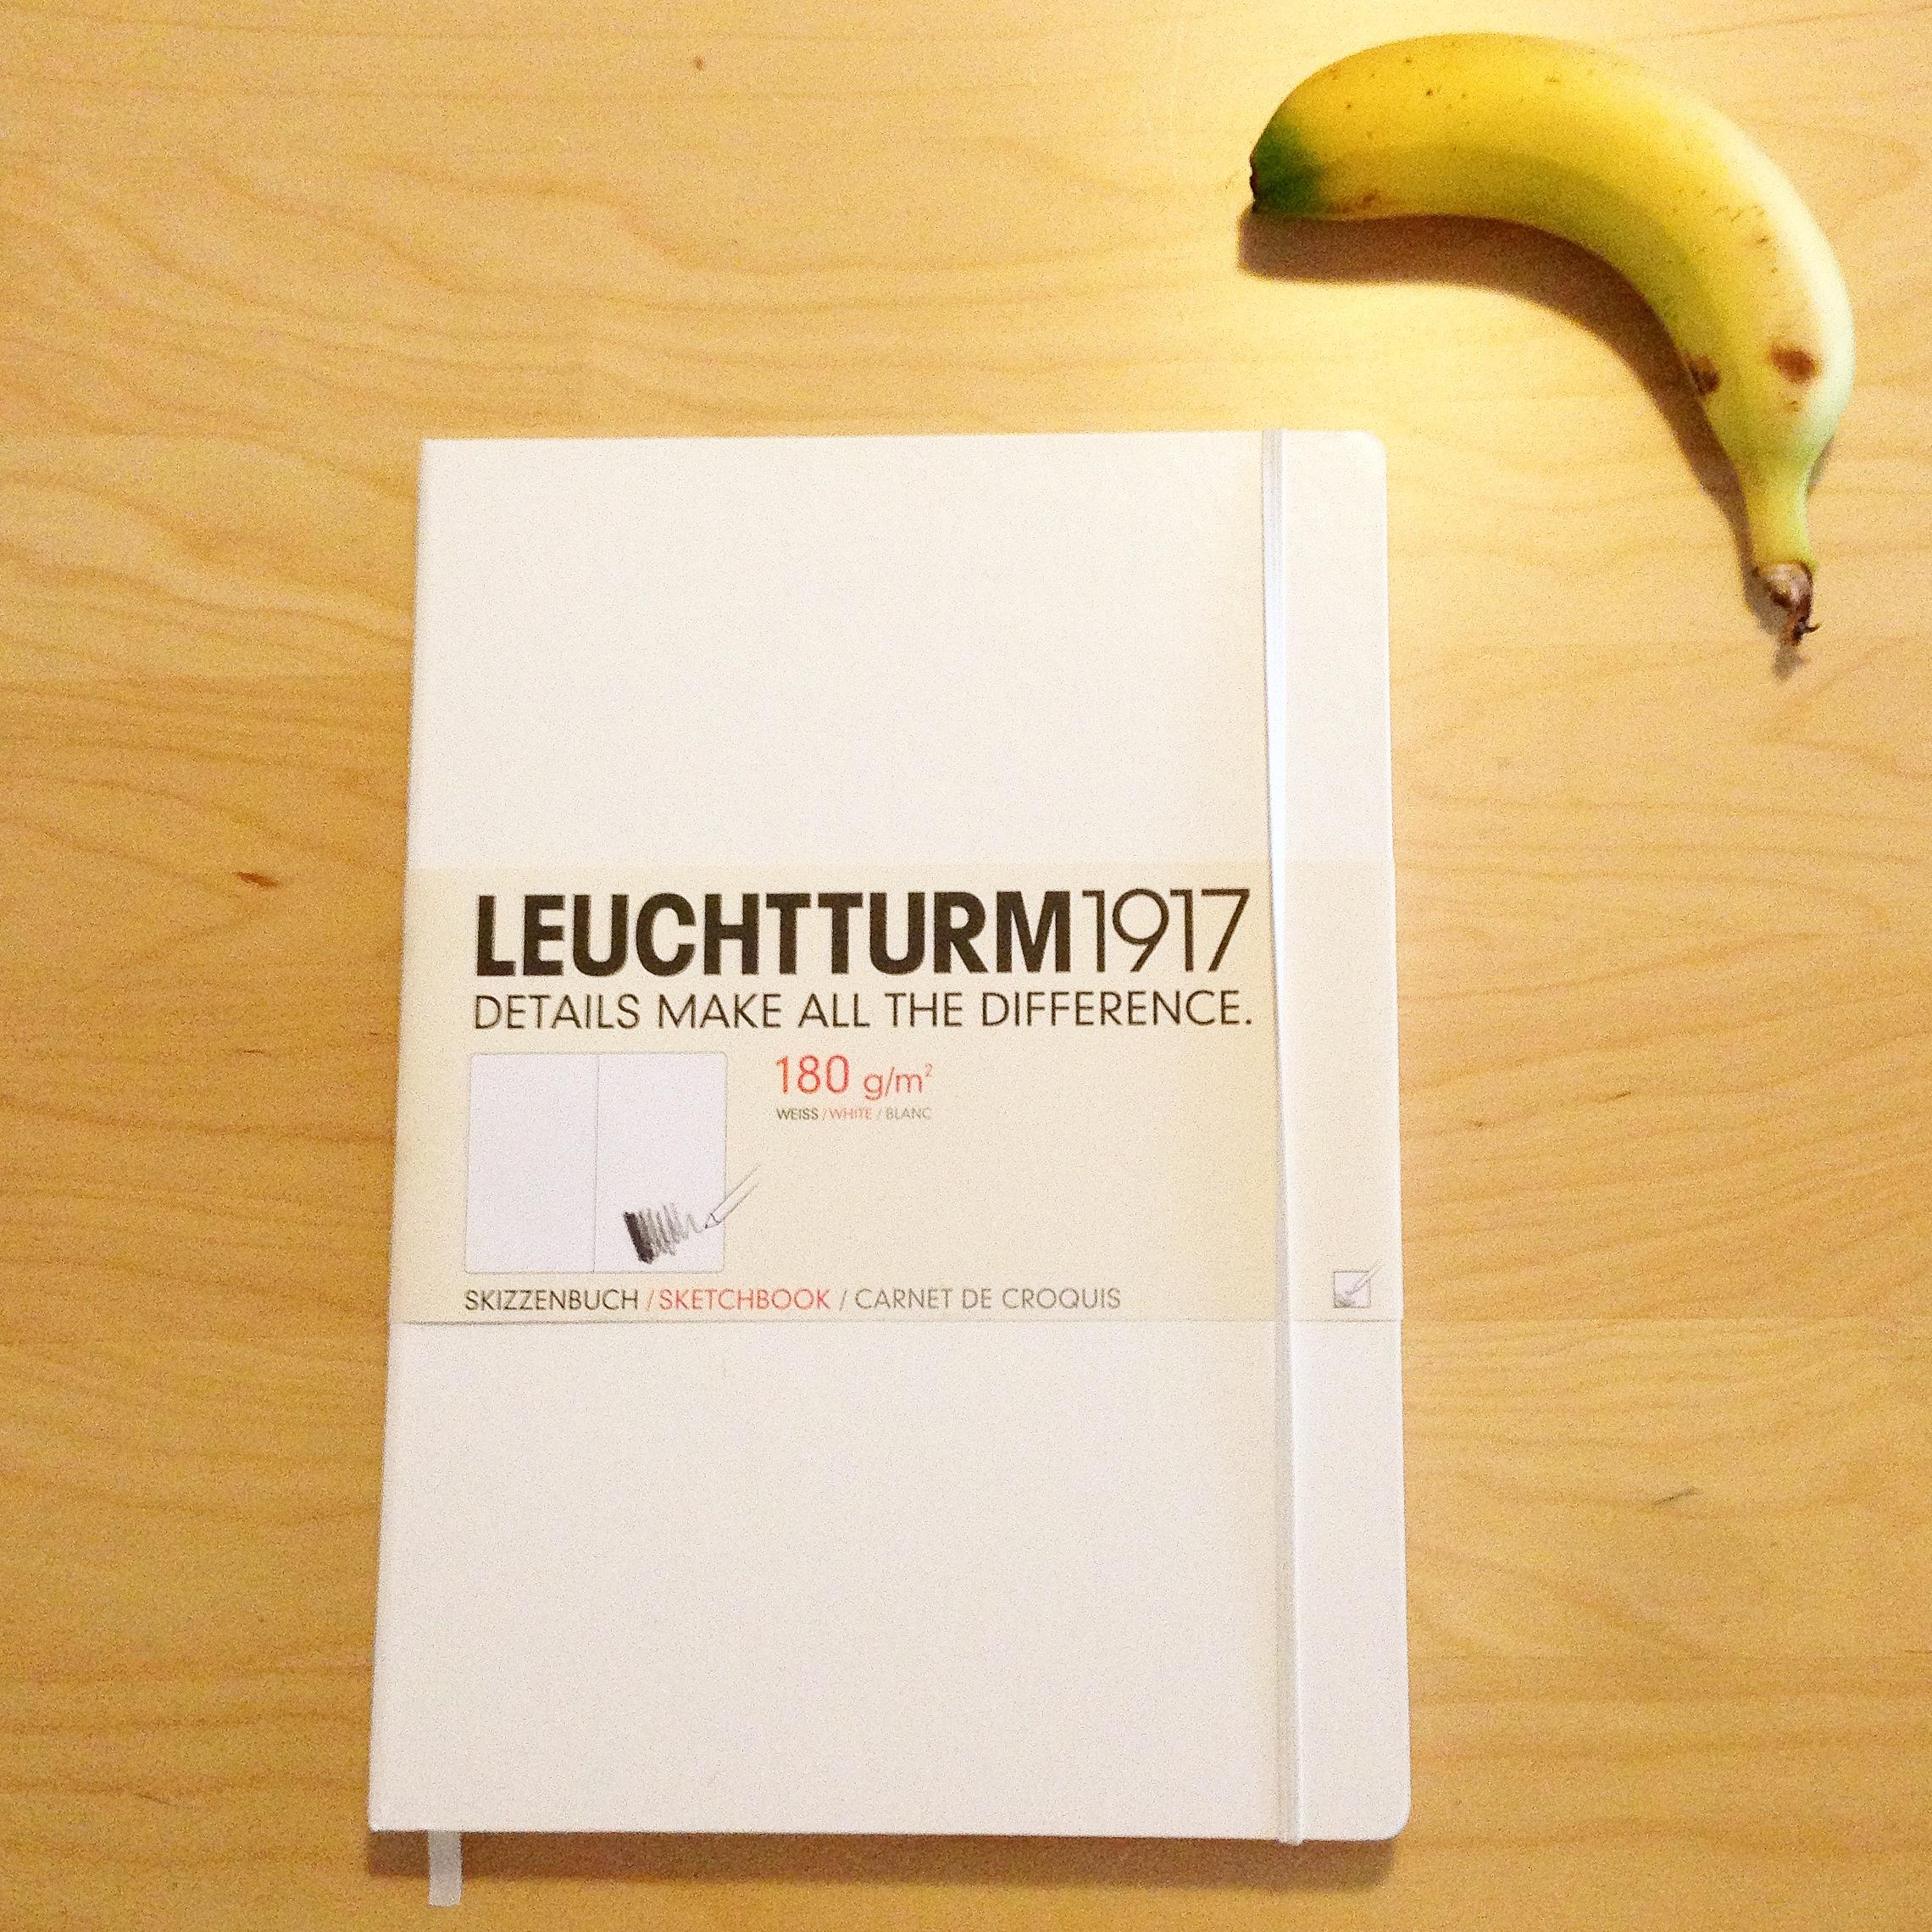 sketchbook libreta cuaderno bocetos Leuchttrum1917 white blanco  sketch garabato doodle